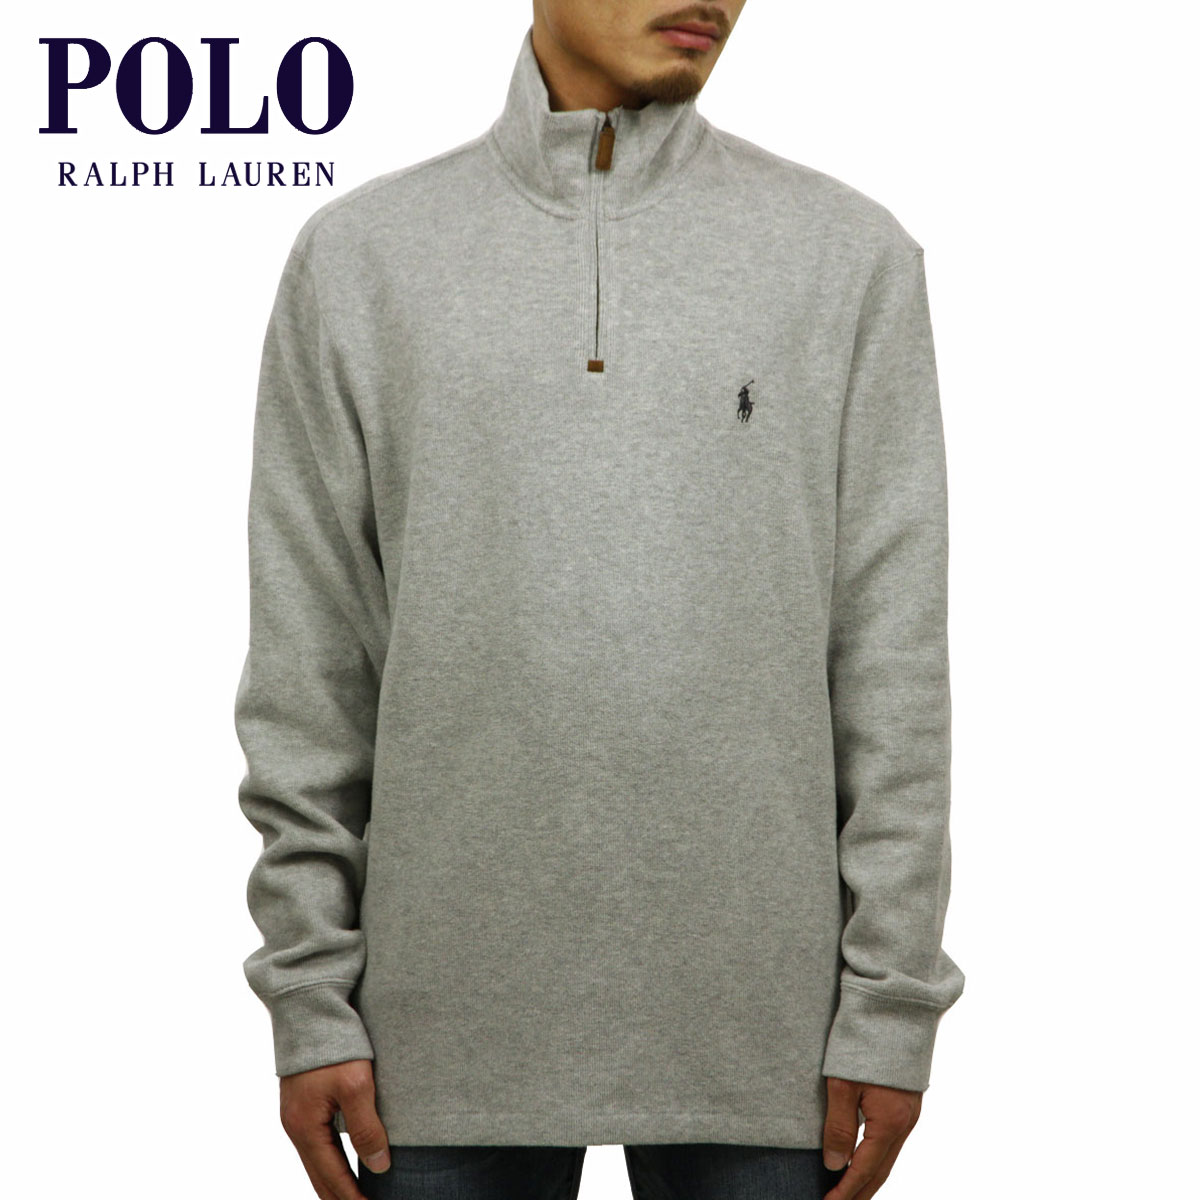 ポロ ラルフローレン POLO RALPH LAUREN 正規品 メンズ セーター Half-Zip Cotton Sweater D00S20